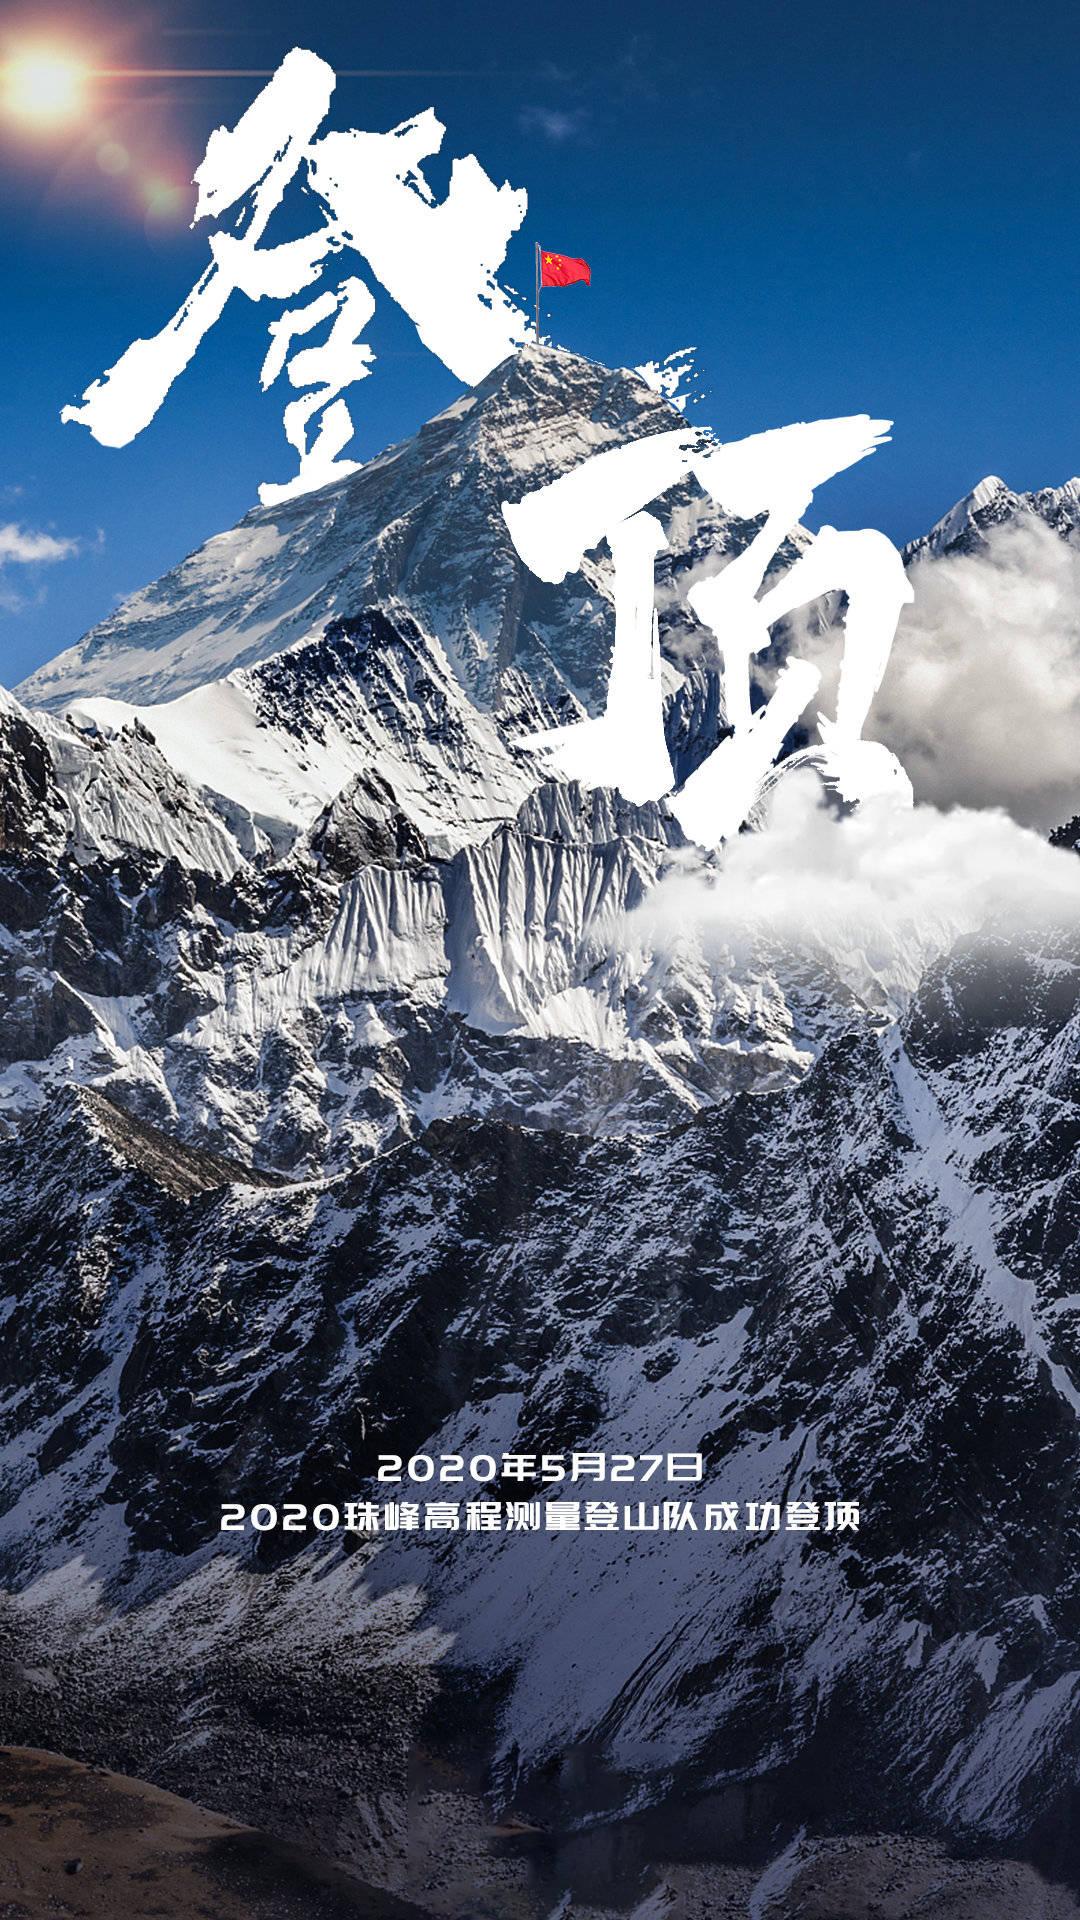 为国骄傲!2020中国登山队成功登顶世界最高...